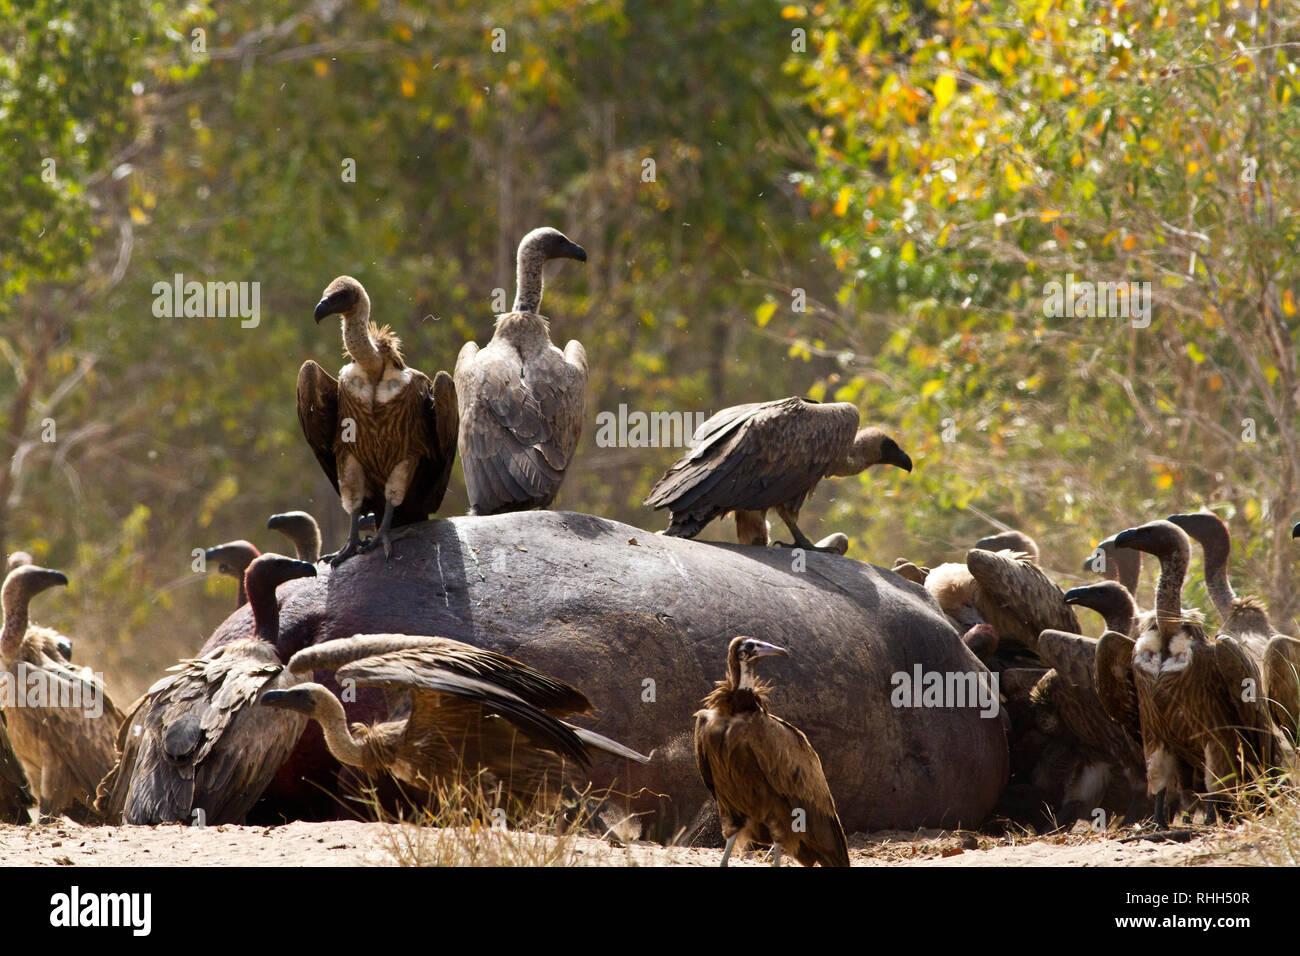 Un hipopótamo que murió a consecuencia de las heridas infligidas por el residente toro es dominante se abrieron rápidamente por hienas y buitres, de modo que la abundancia de comida es quic Foto de stock